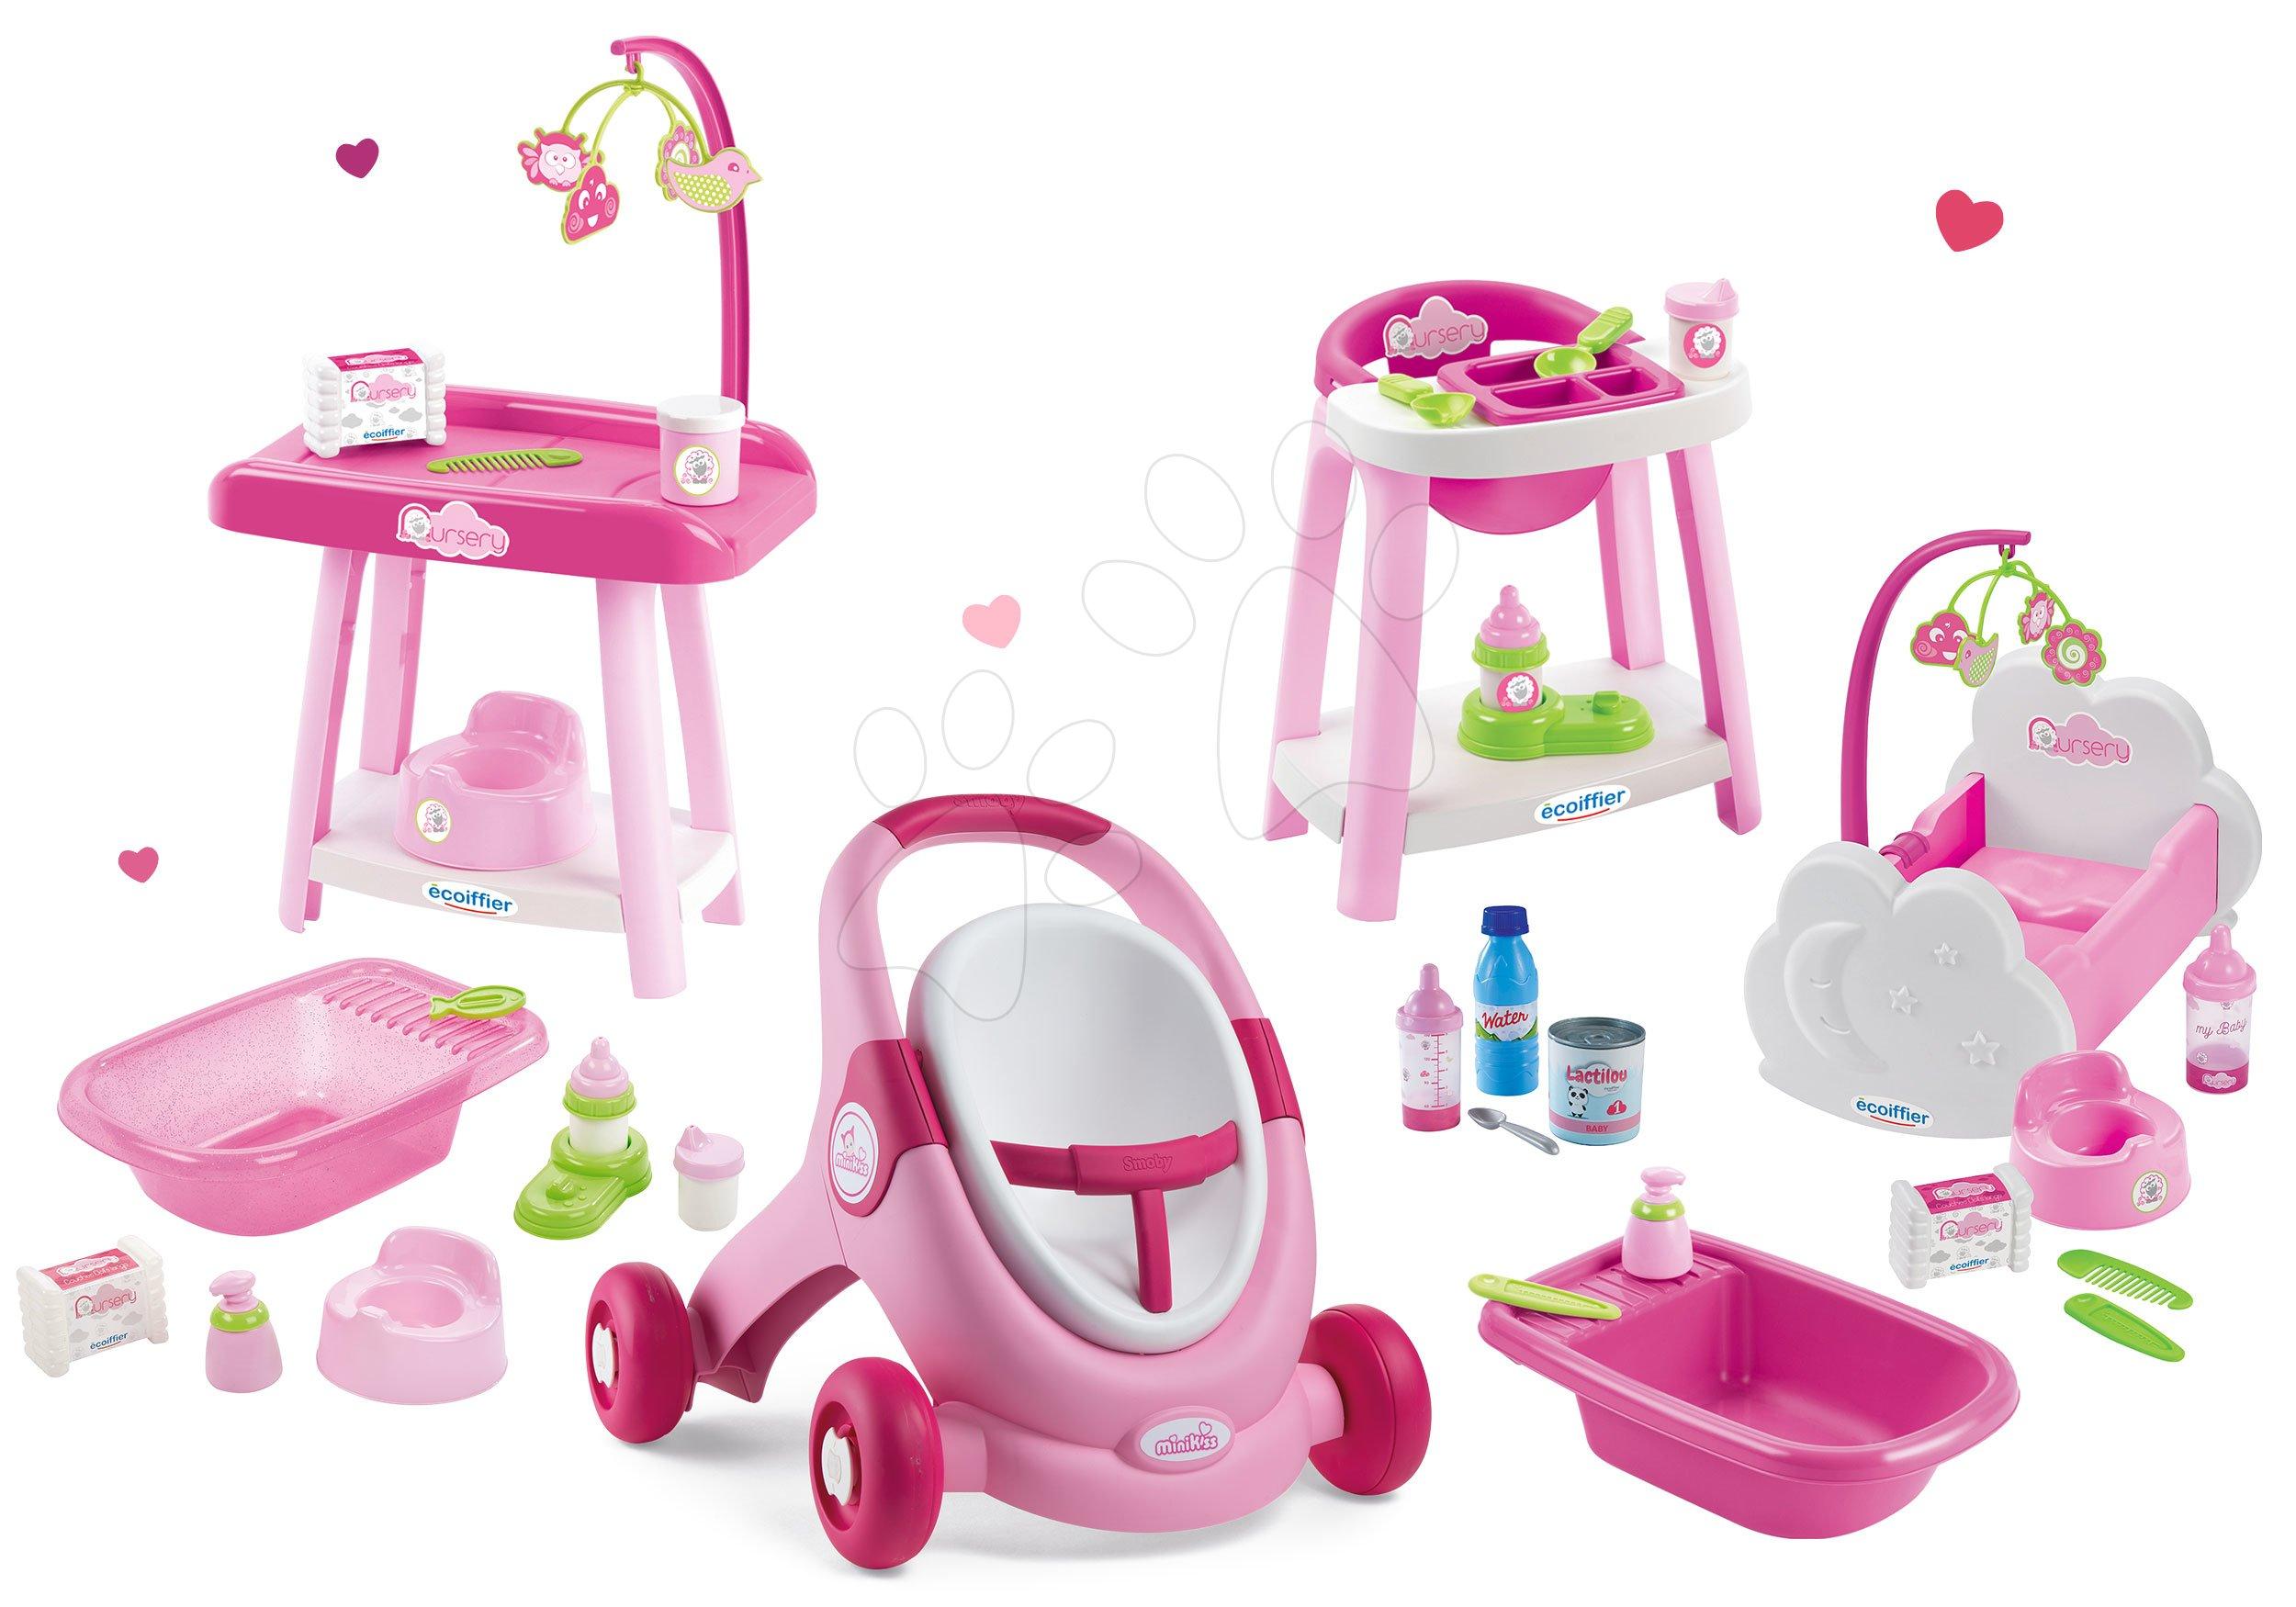 Dětská chodítka - Set chodítko a kočárek pro panenku 3v1 MiniKiss Smoby s pečovatelským pultem se židlí a kolébka s vaničkou